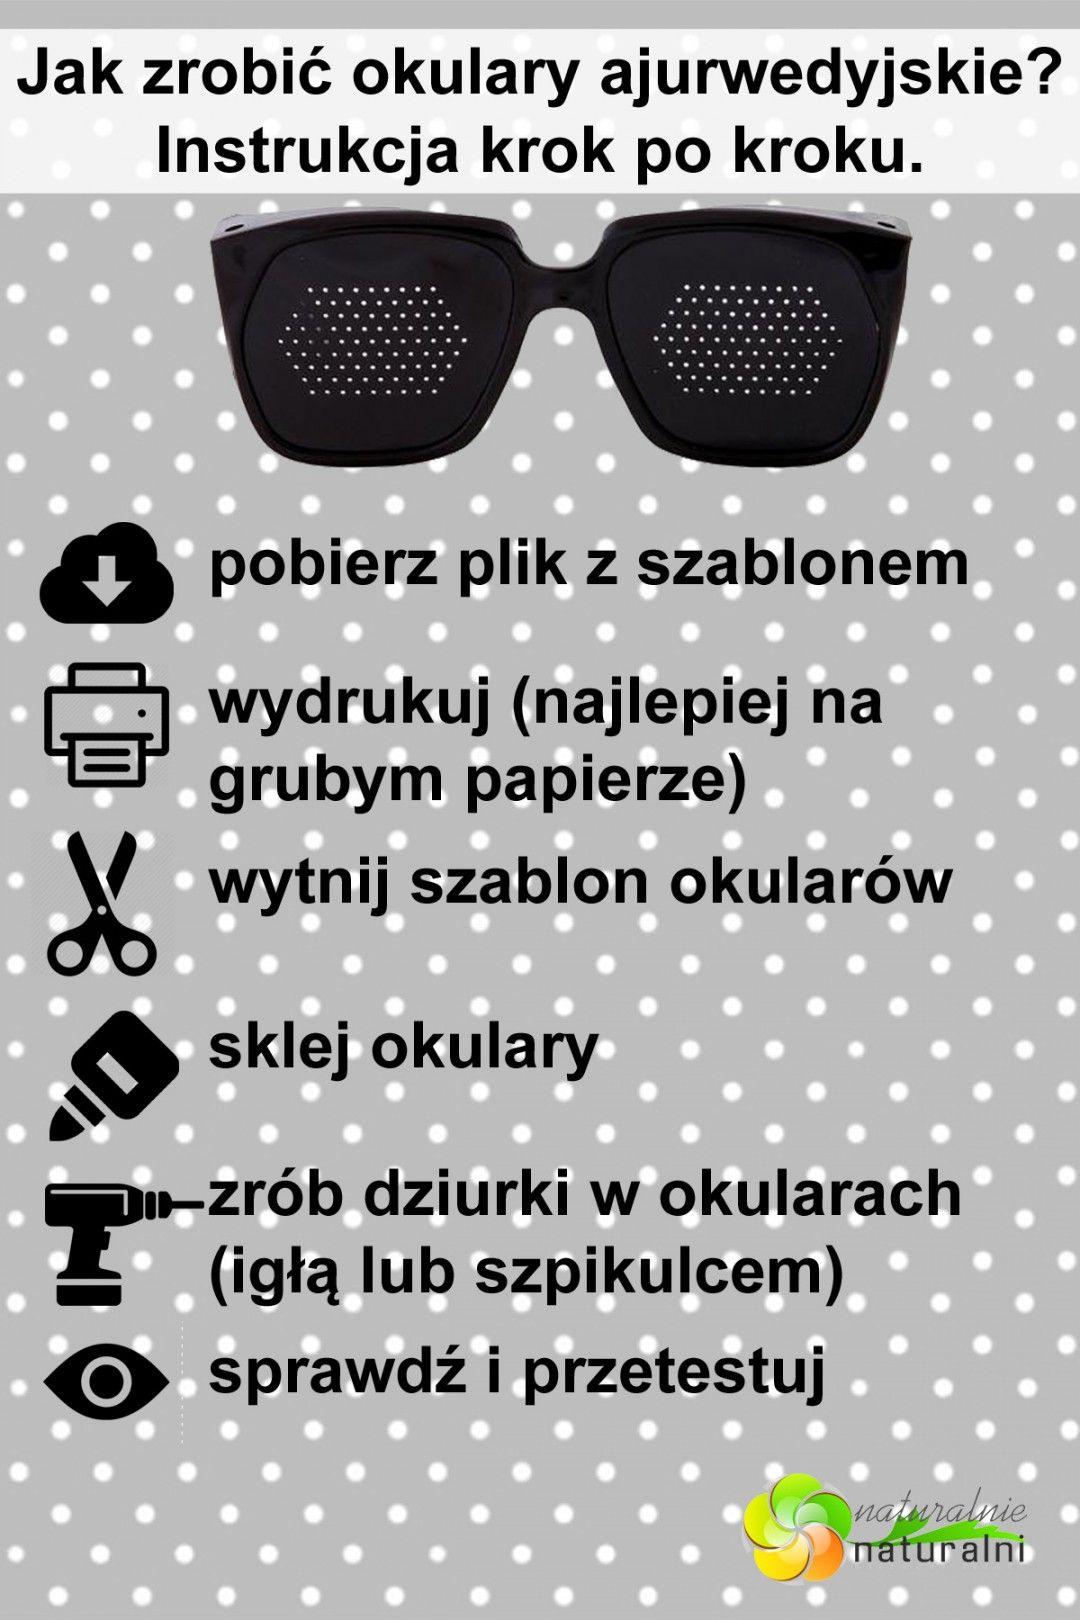 Okulary Ajurwedyjskie Jak Zrobic Samemu Za Darmo In 2020 Health